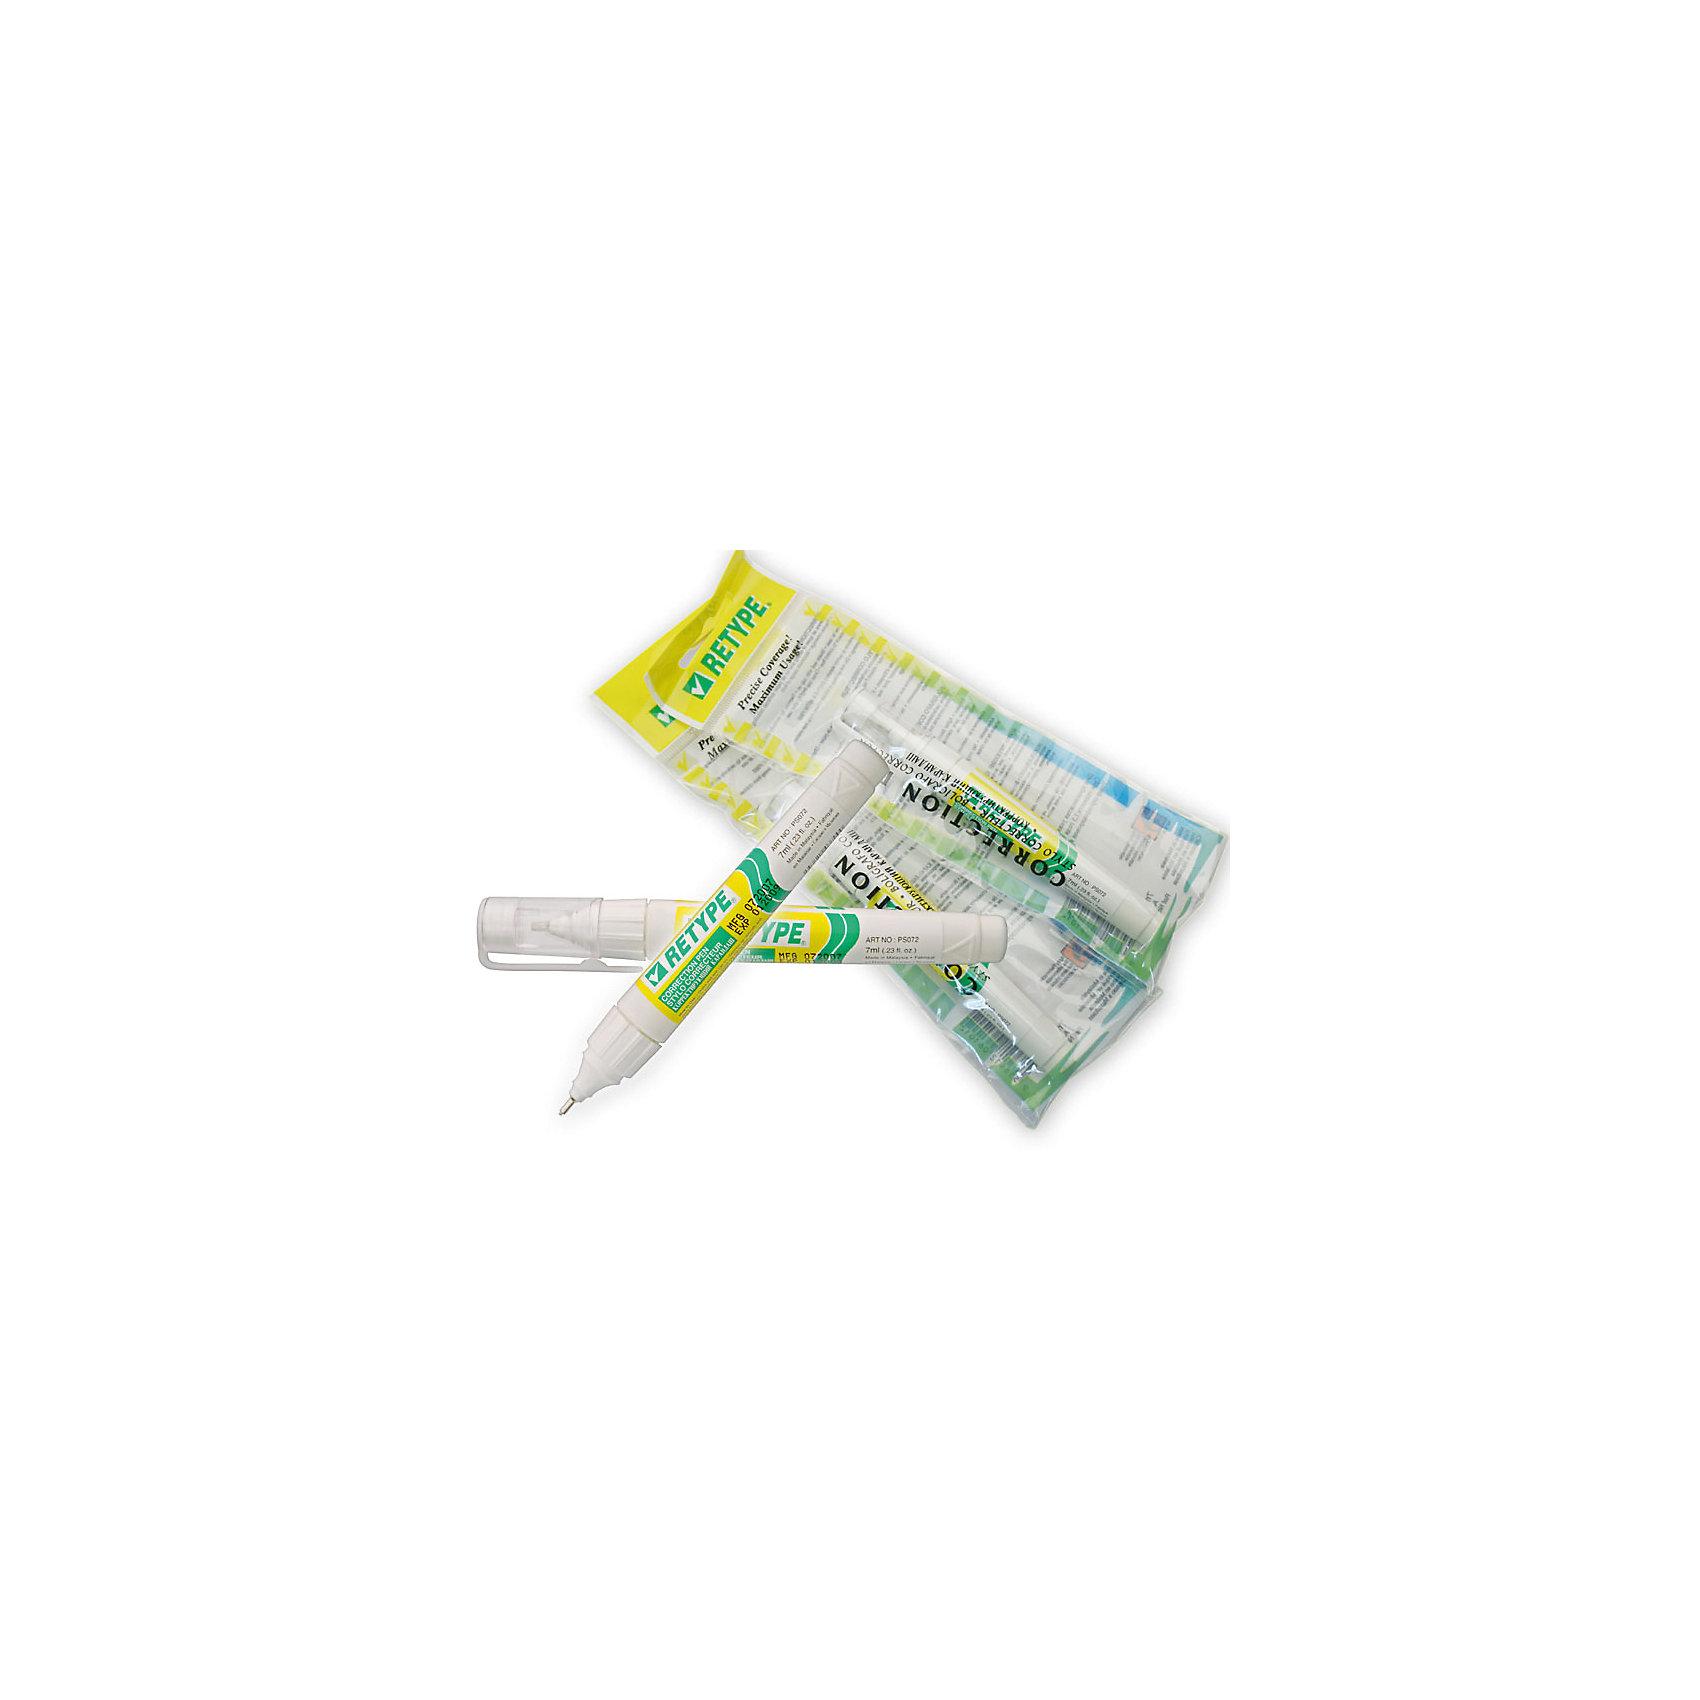 Штрих-карандаш Retype 7 млБлагодаря острому тонкому наконечнику, штрих-карандаш RETYPE позволяет незаметно замаскировать даже самую небольшую помарку. Штрих хорошо и ровно наносится, быстро высыхает на бумаге, занимает мало места, удобно носить с собой в пенале. <br><br>Дополнительная информация:<br><br>- Материал: пластик, корректирующая жидкость, металл.<br>- Объем флакона: 7 мл. <br><br>Штрих-карандаш Retype 7 мл., можно купить в нашем магазине.<br><br>Ширина мм: 130<br>Глубина мм: 10<br>Высота мм: 10<br>Вес г: 27<br>Возраст от месяцев: 36<br>Возраст до месяцев: 2147483647<br>Пол: Унисекс<br>Возраст: Детский<br>SKU: 4293053